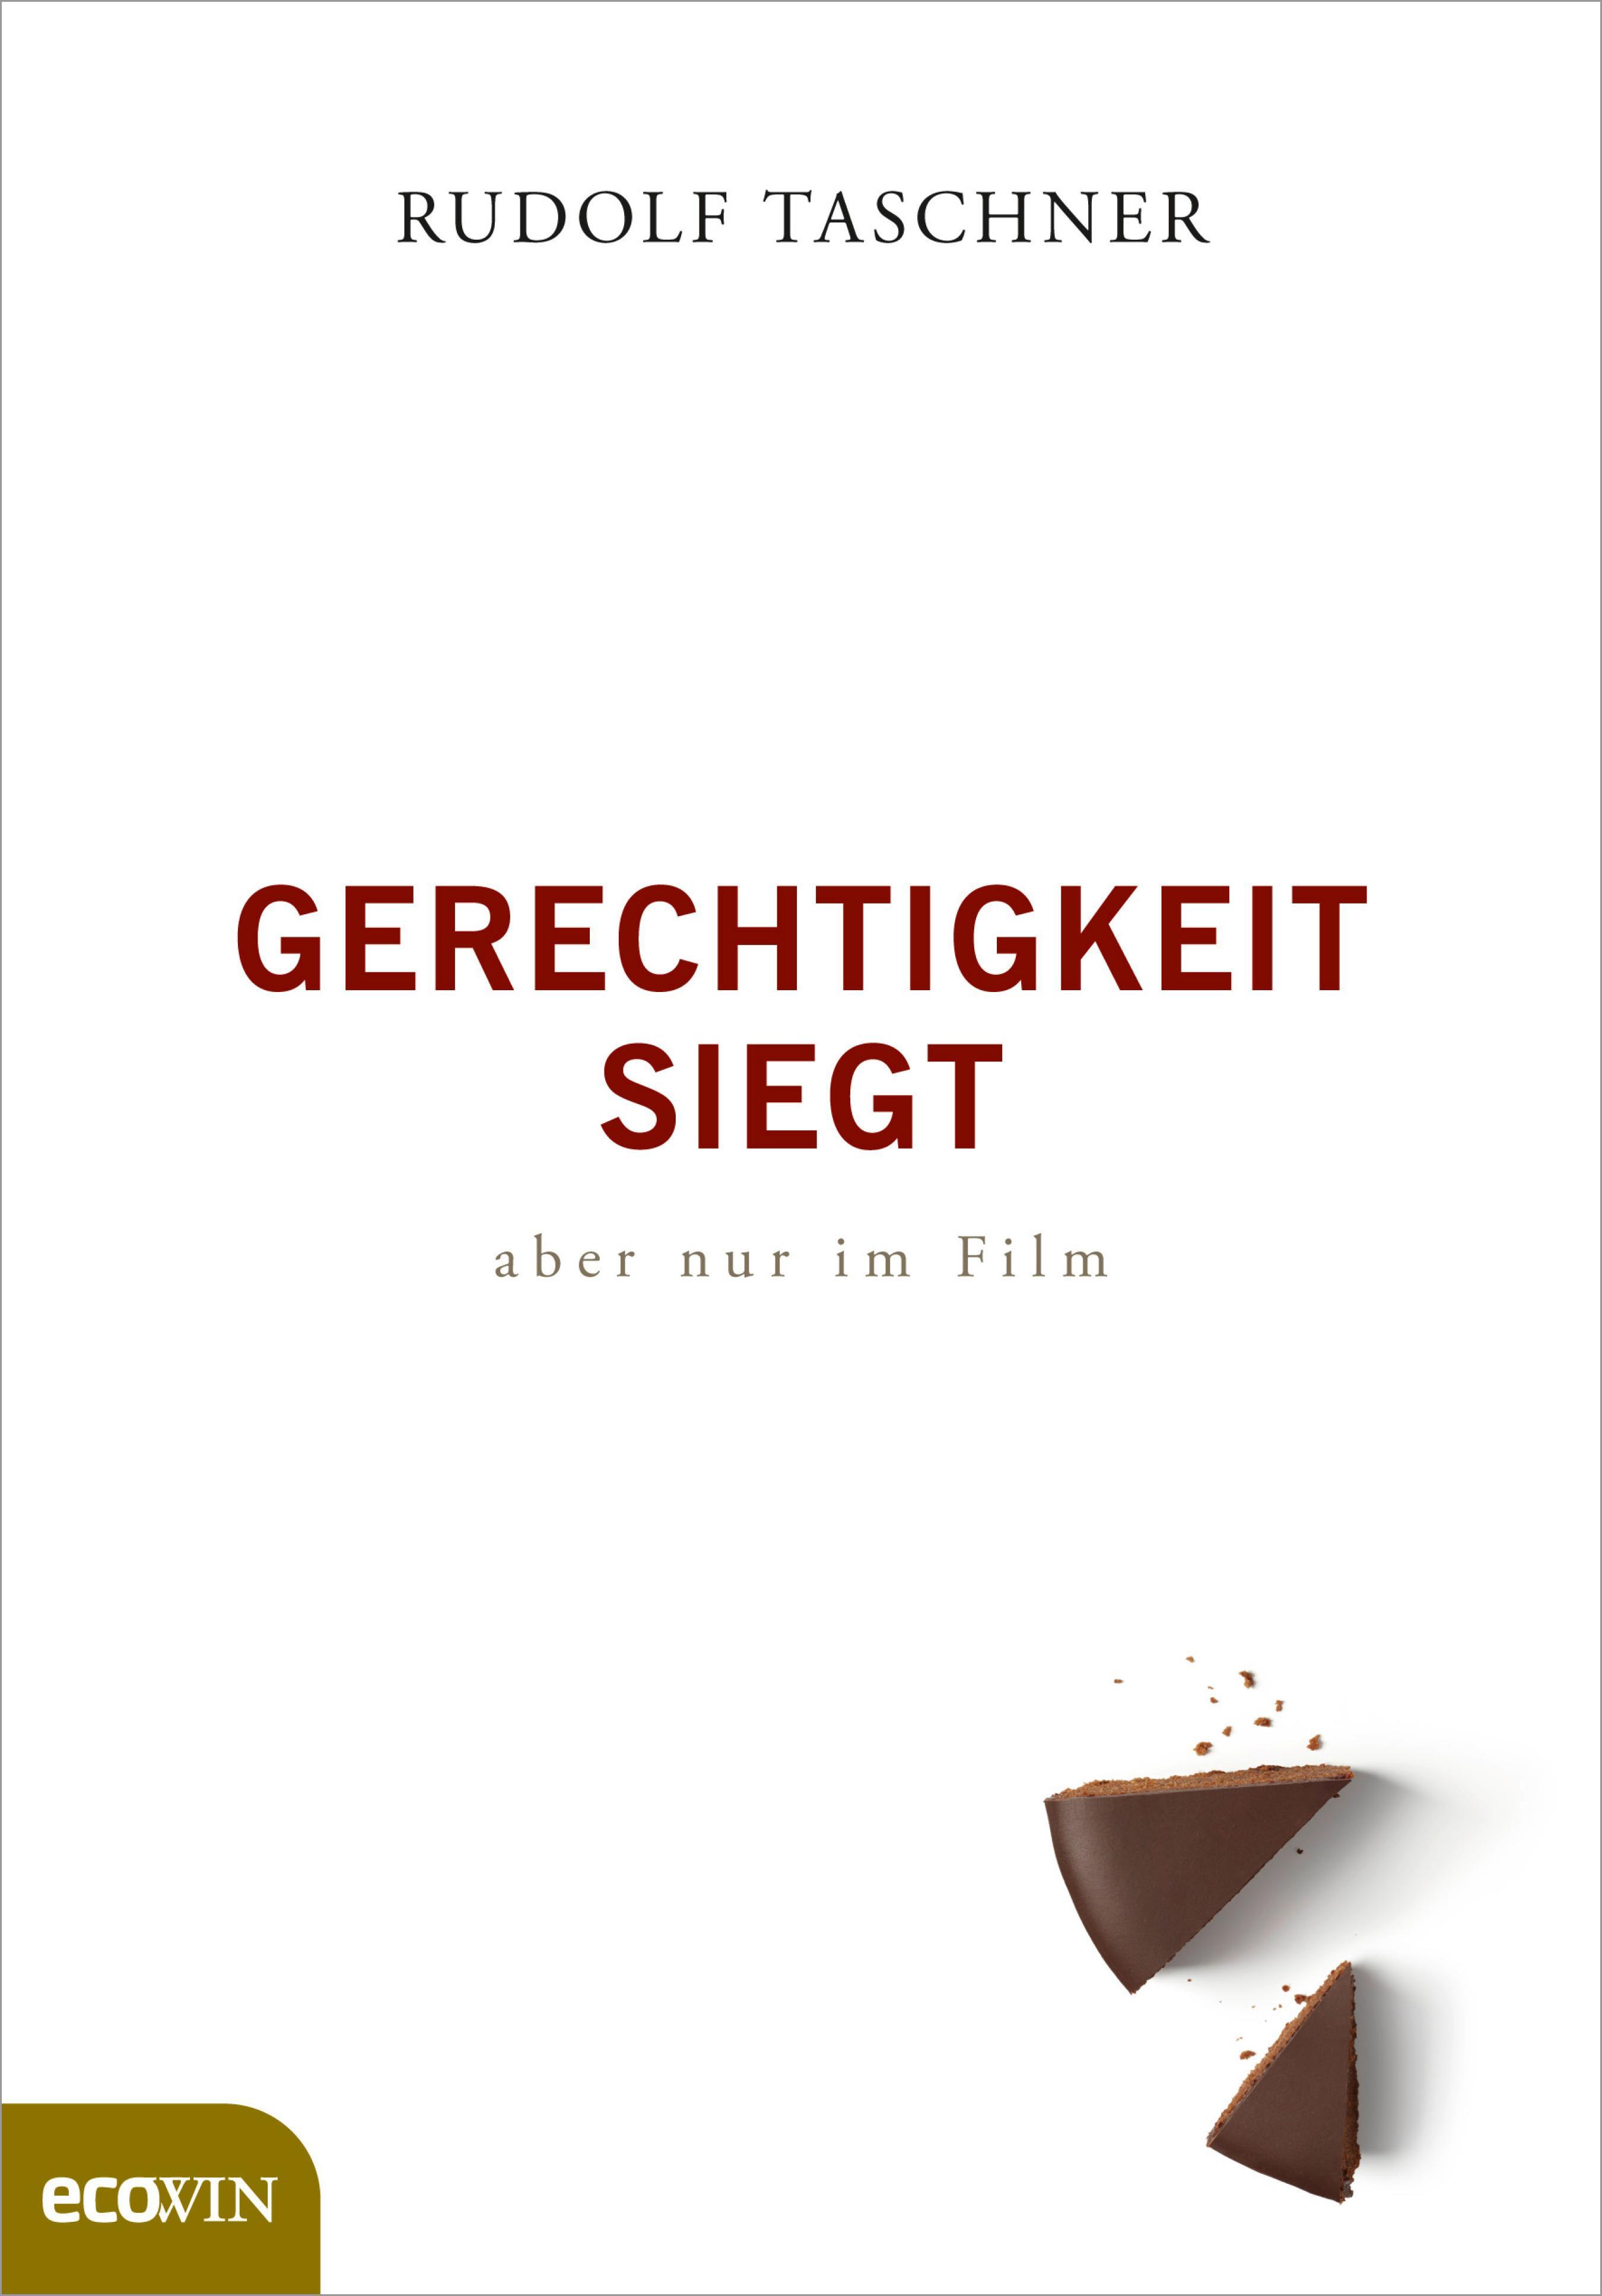 Rudolf Taschner Gerechtigkeit siegt - aber nur im Film gerechtigkeit